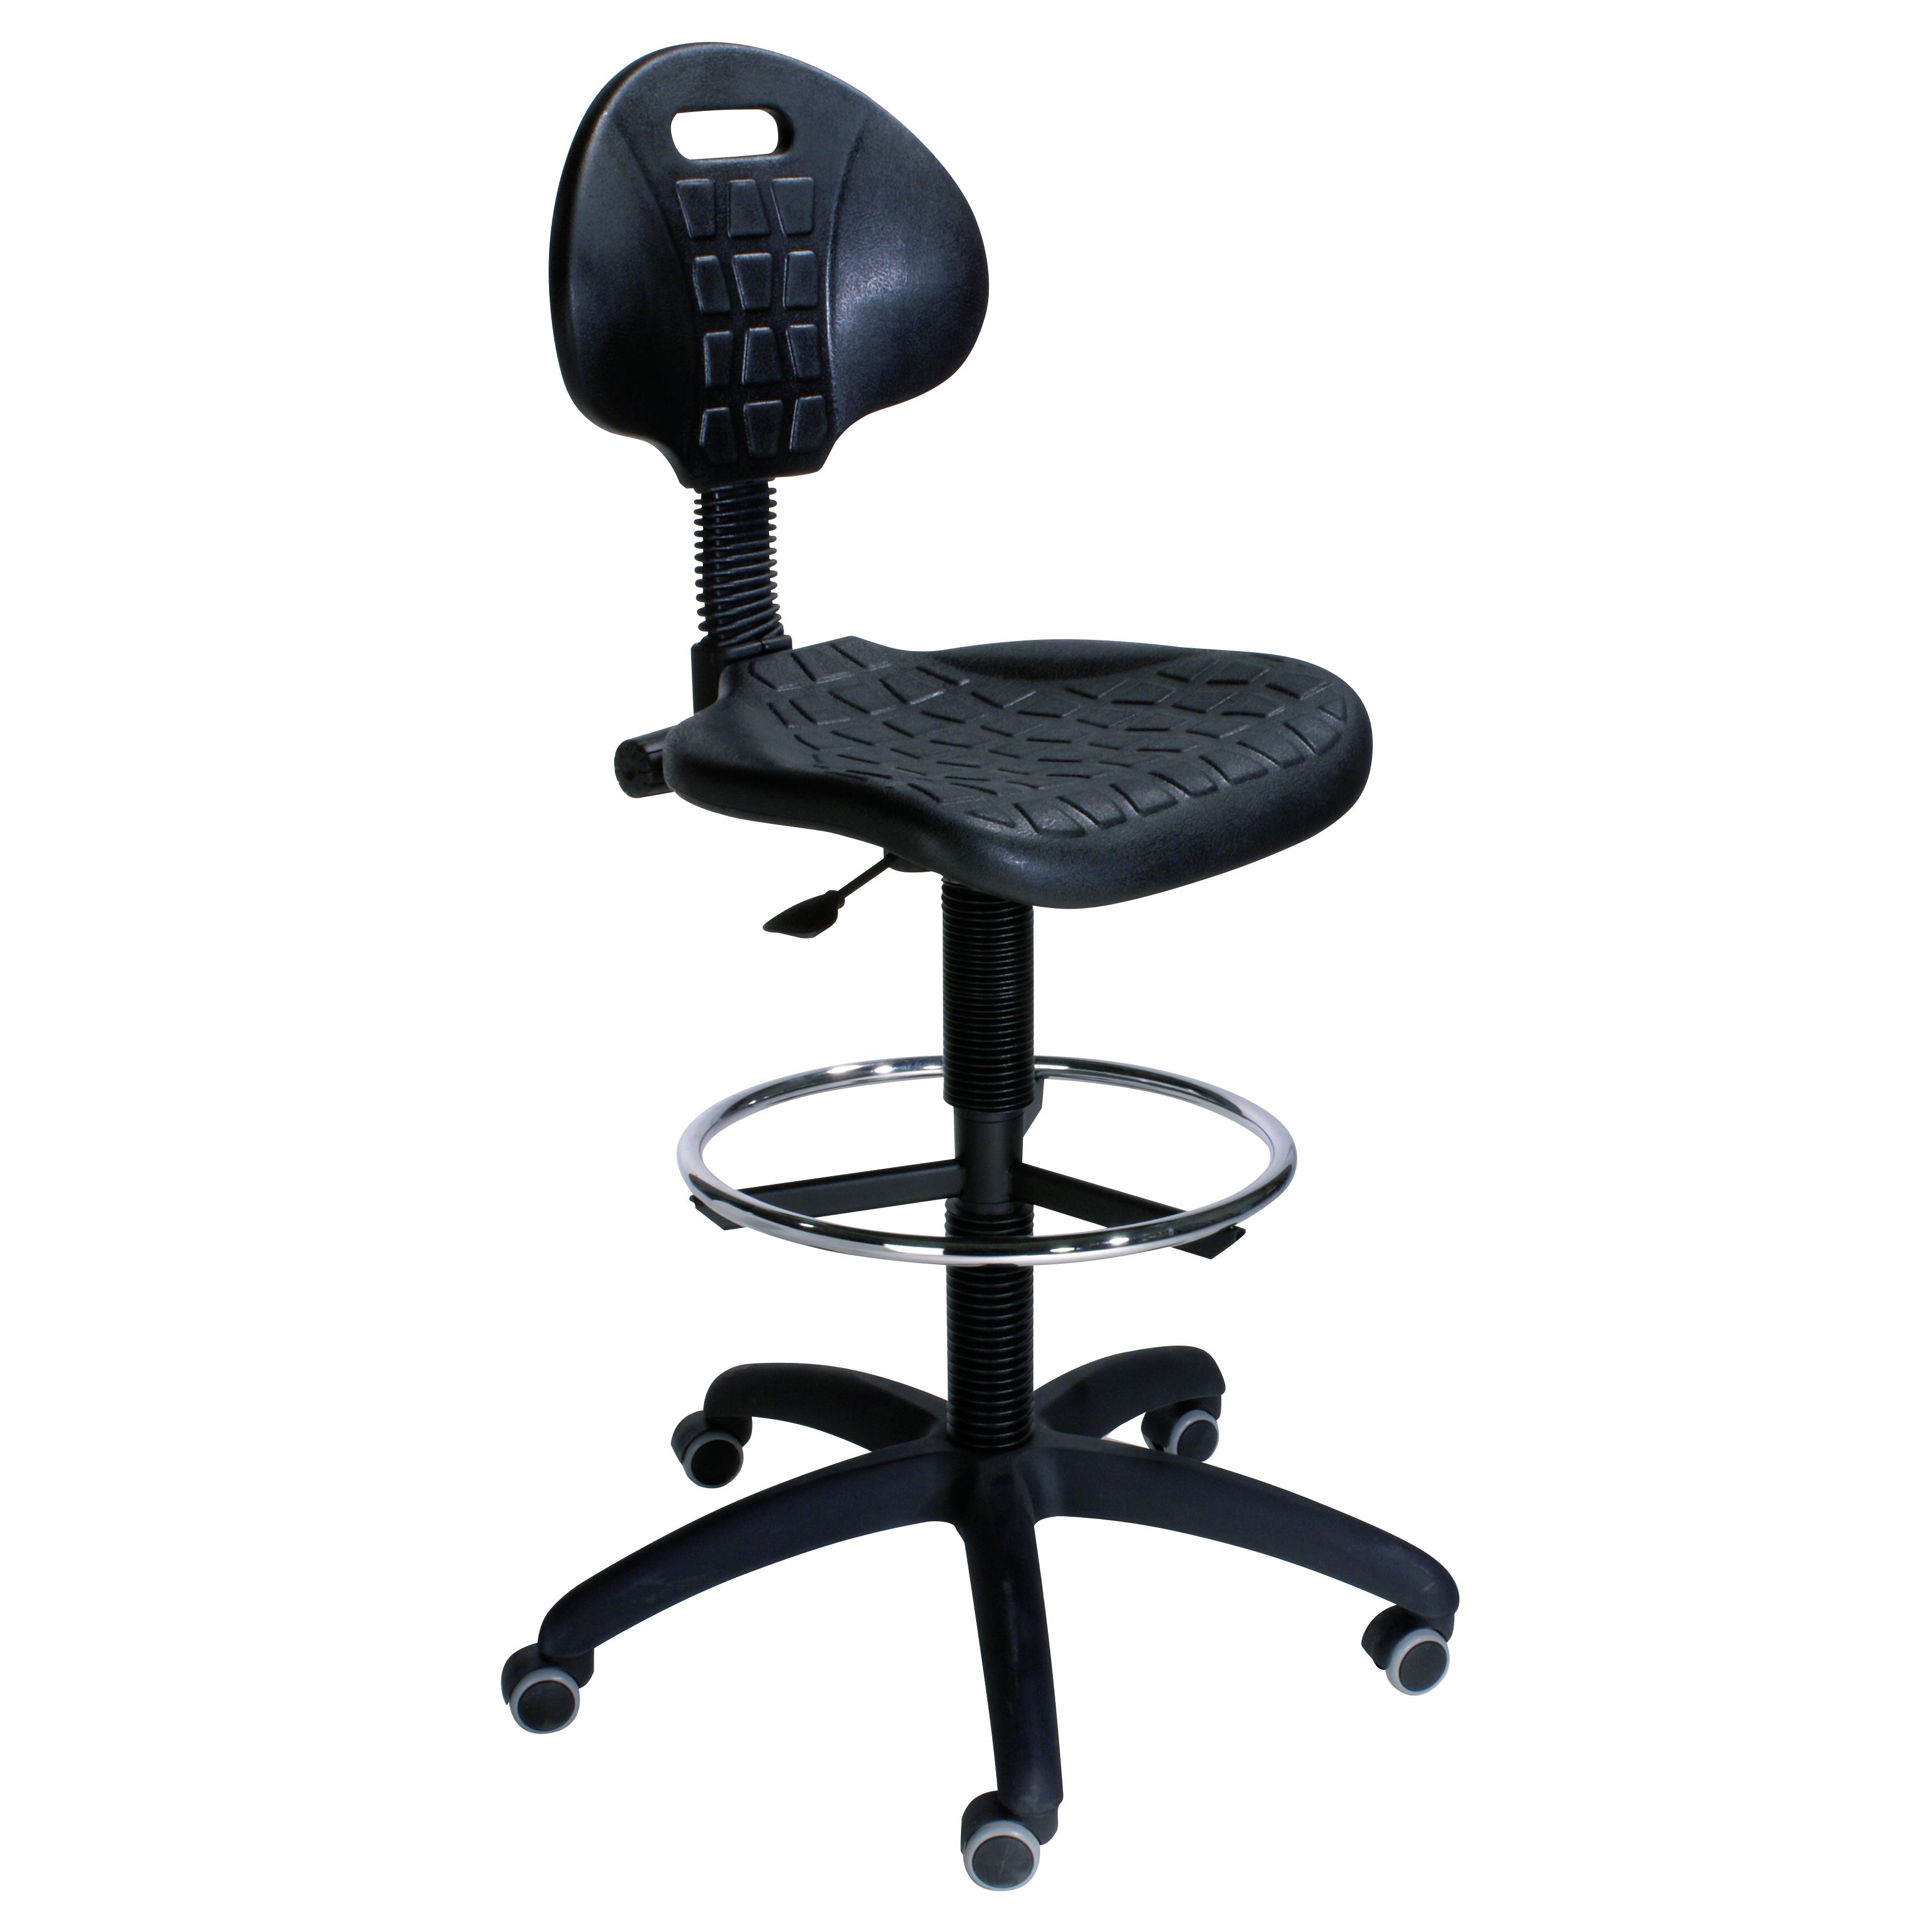 Arbeitsdrehstuhl HV - Drehstuhl für perfekt-stabile Haltung, für Künstler, Designer und im Handwerk (drehbar, höhenverstellbar, mit Fußstütze)